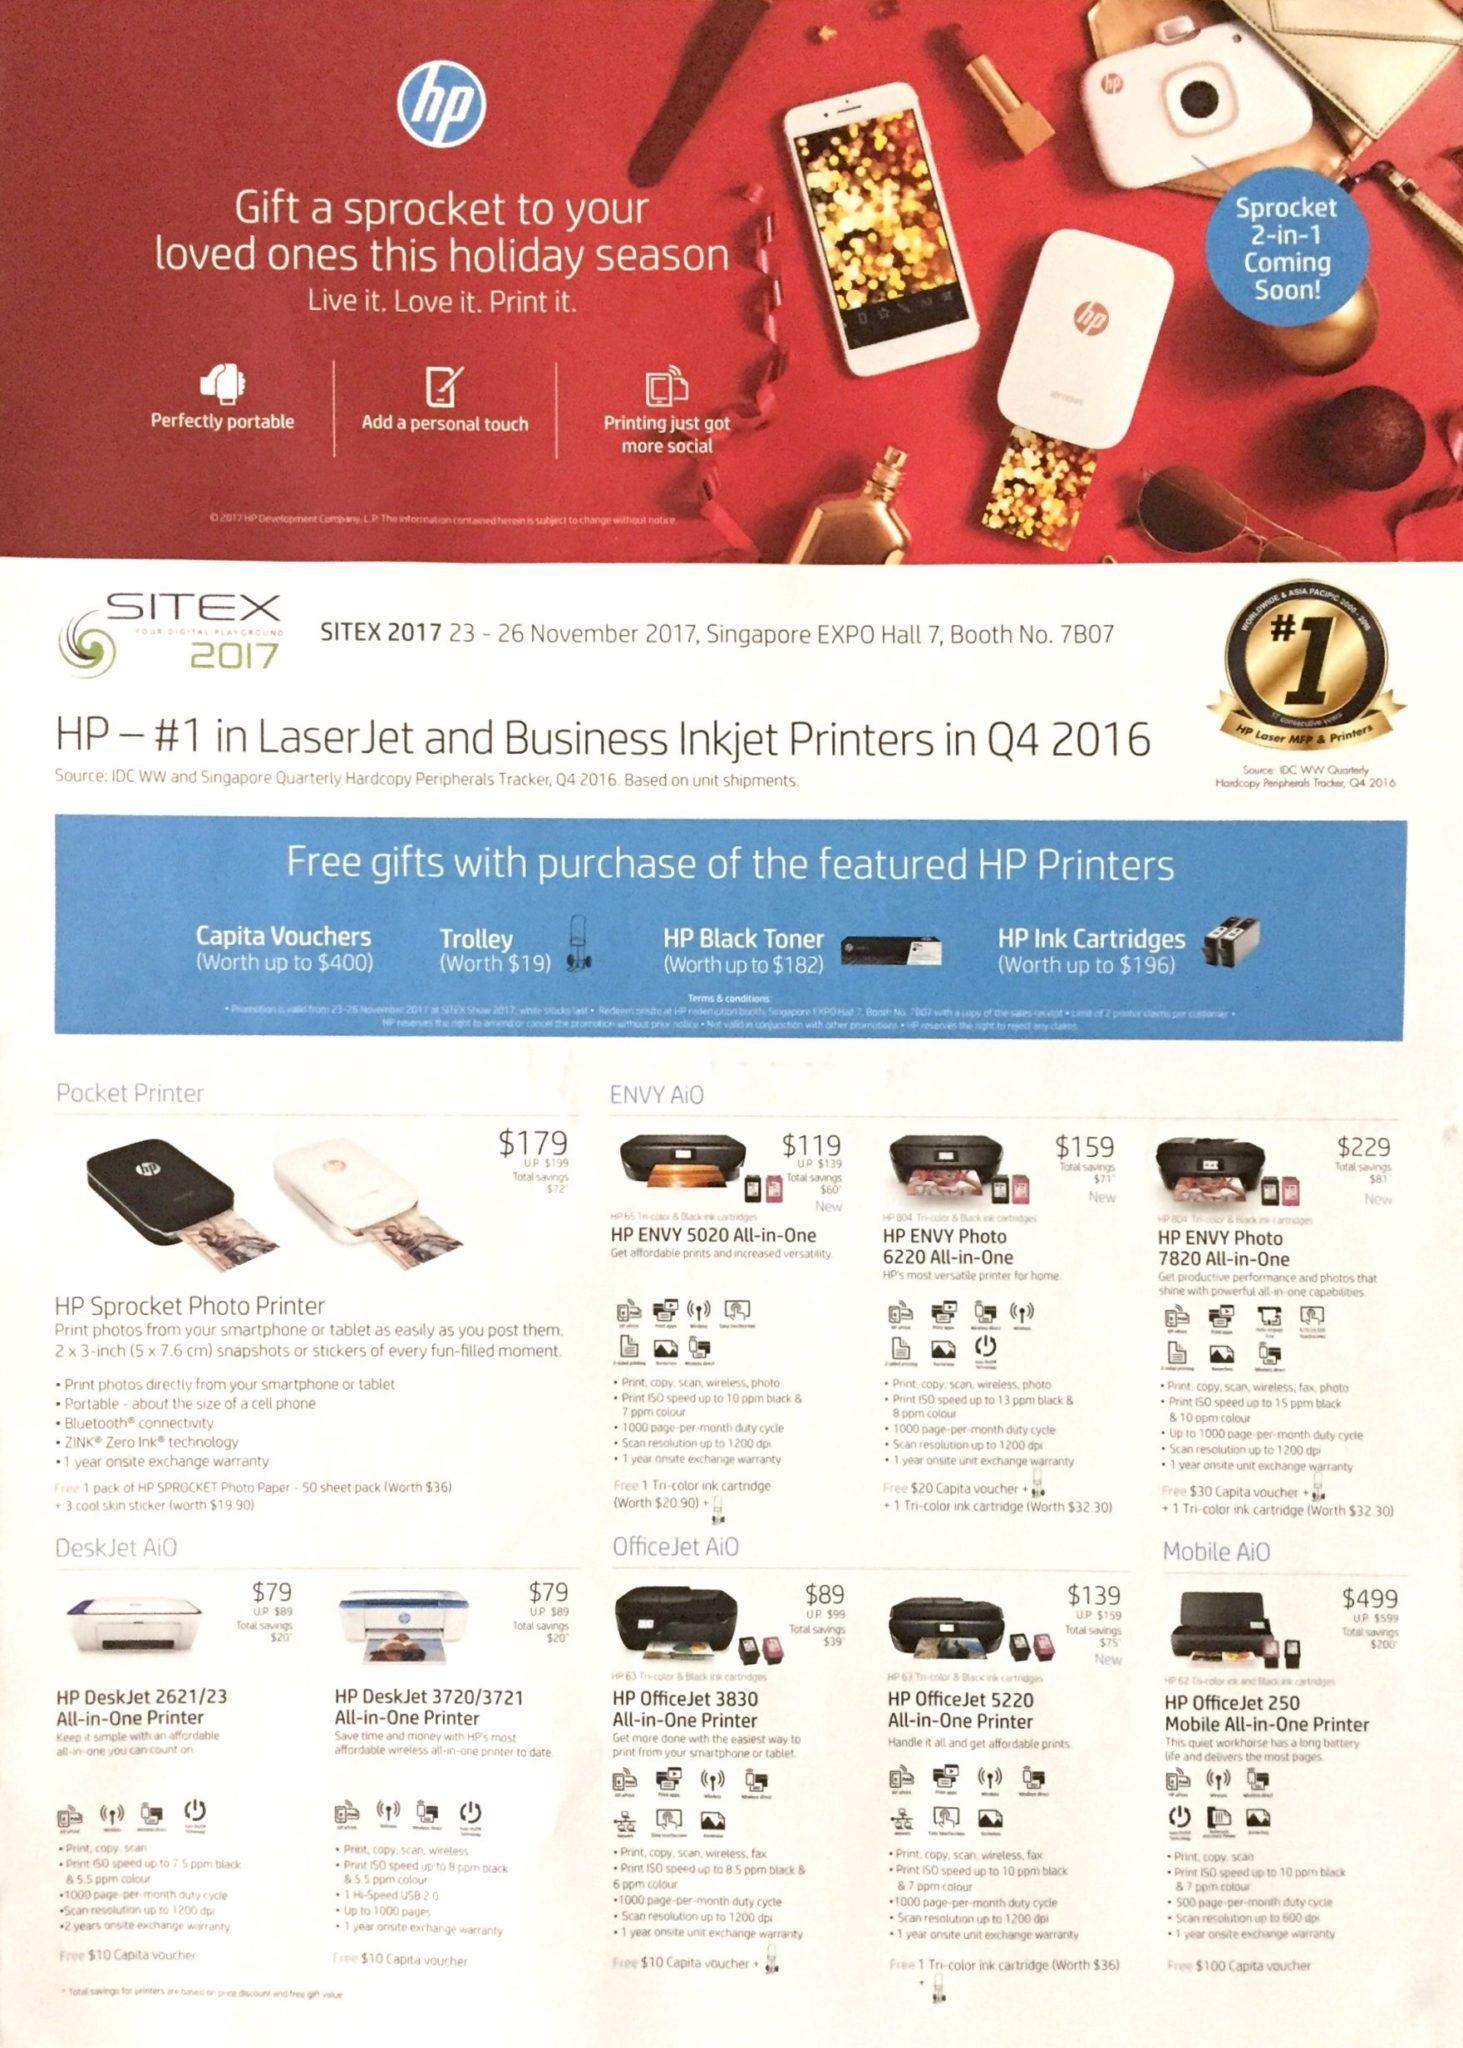 HP Printer Deals @ SITEX 2017 | Brochure pg1